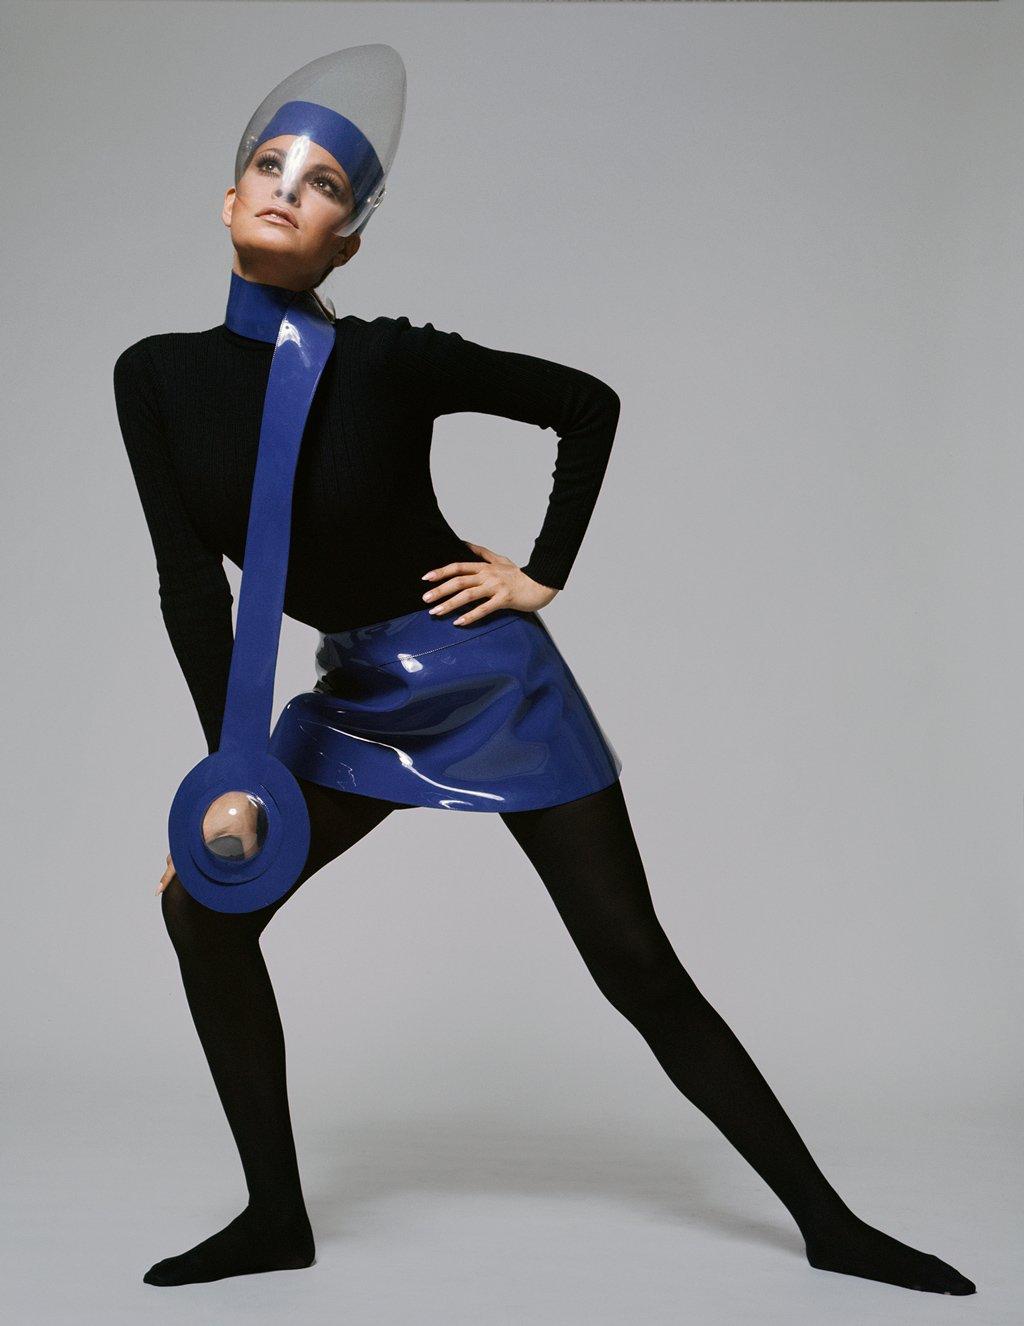 fotos moda futurista años 60:pierre cardin ropa 2